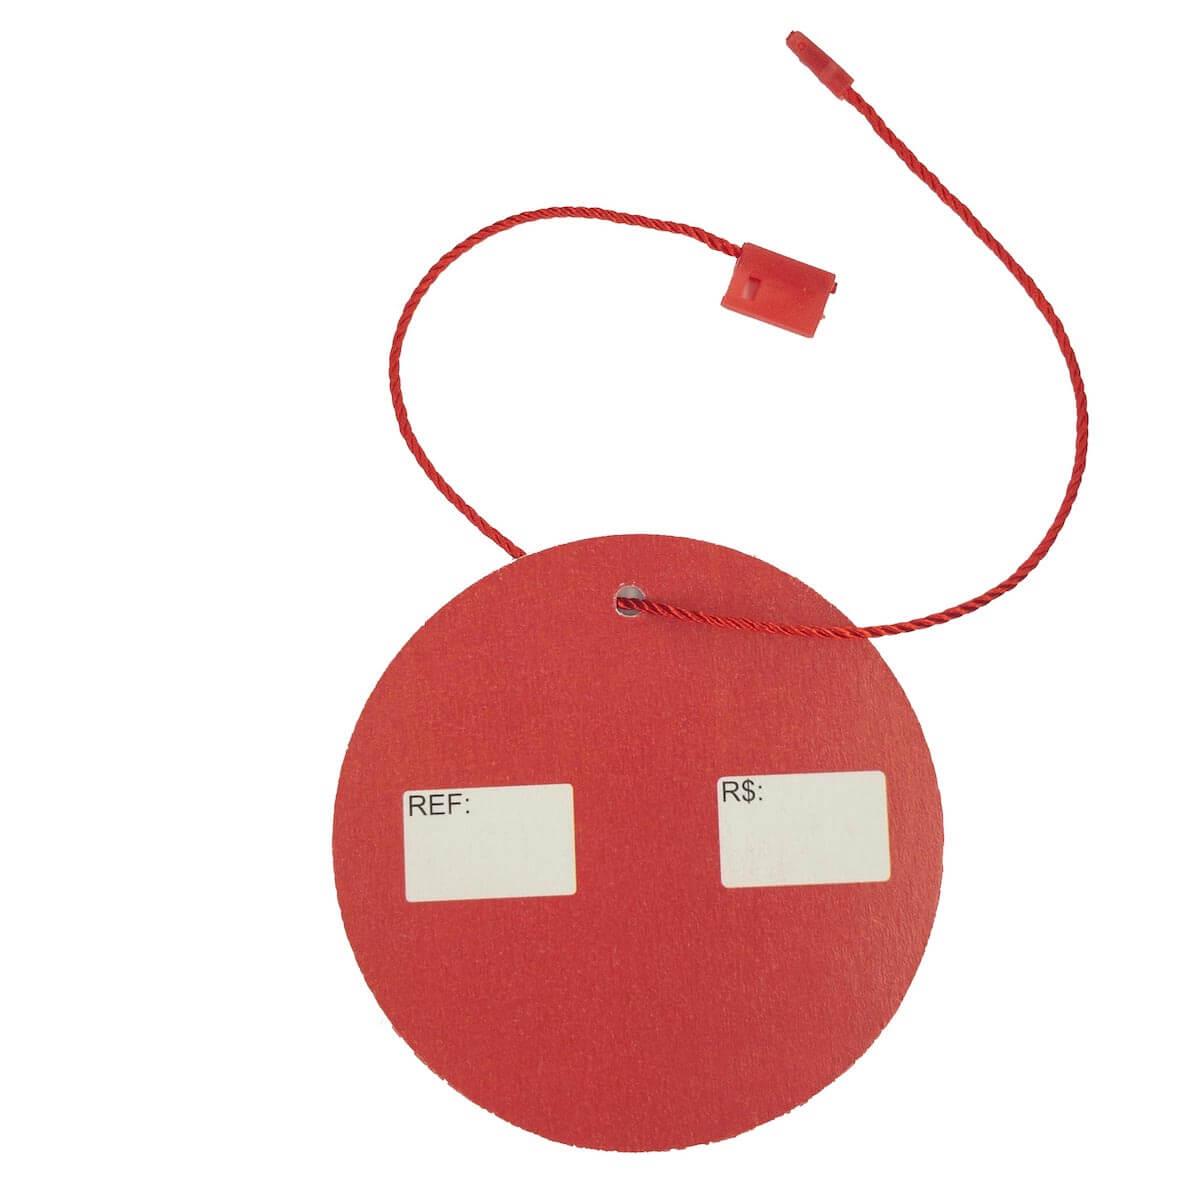 d08a96580e ... Tag para Roupas Promoção Vermelho com Branco Redonda 5.000 Peças - Universo  Têxtil